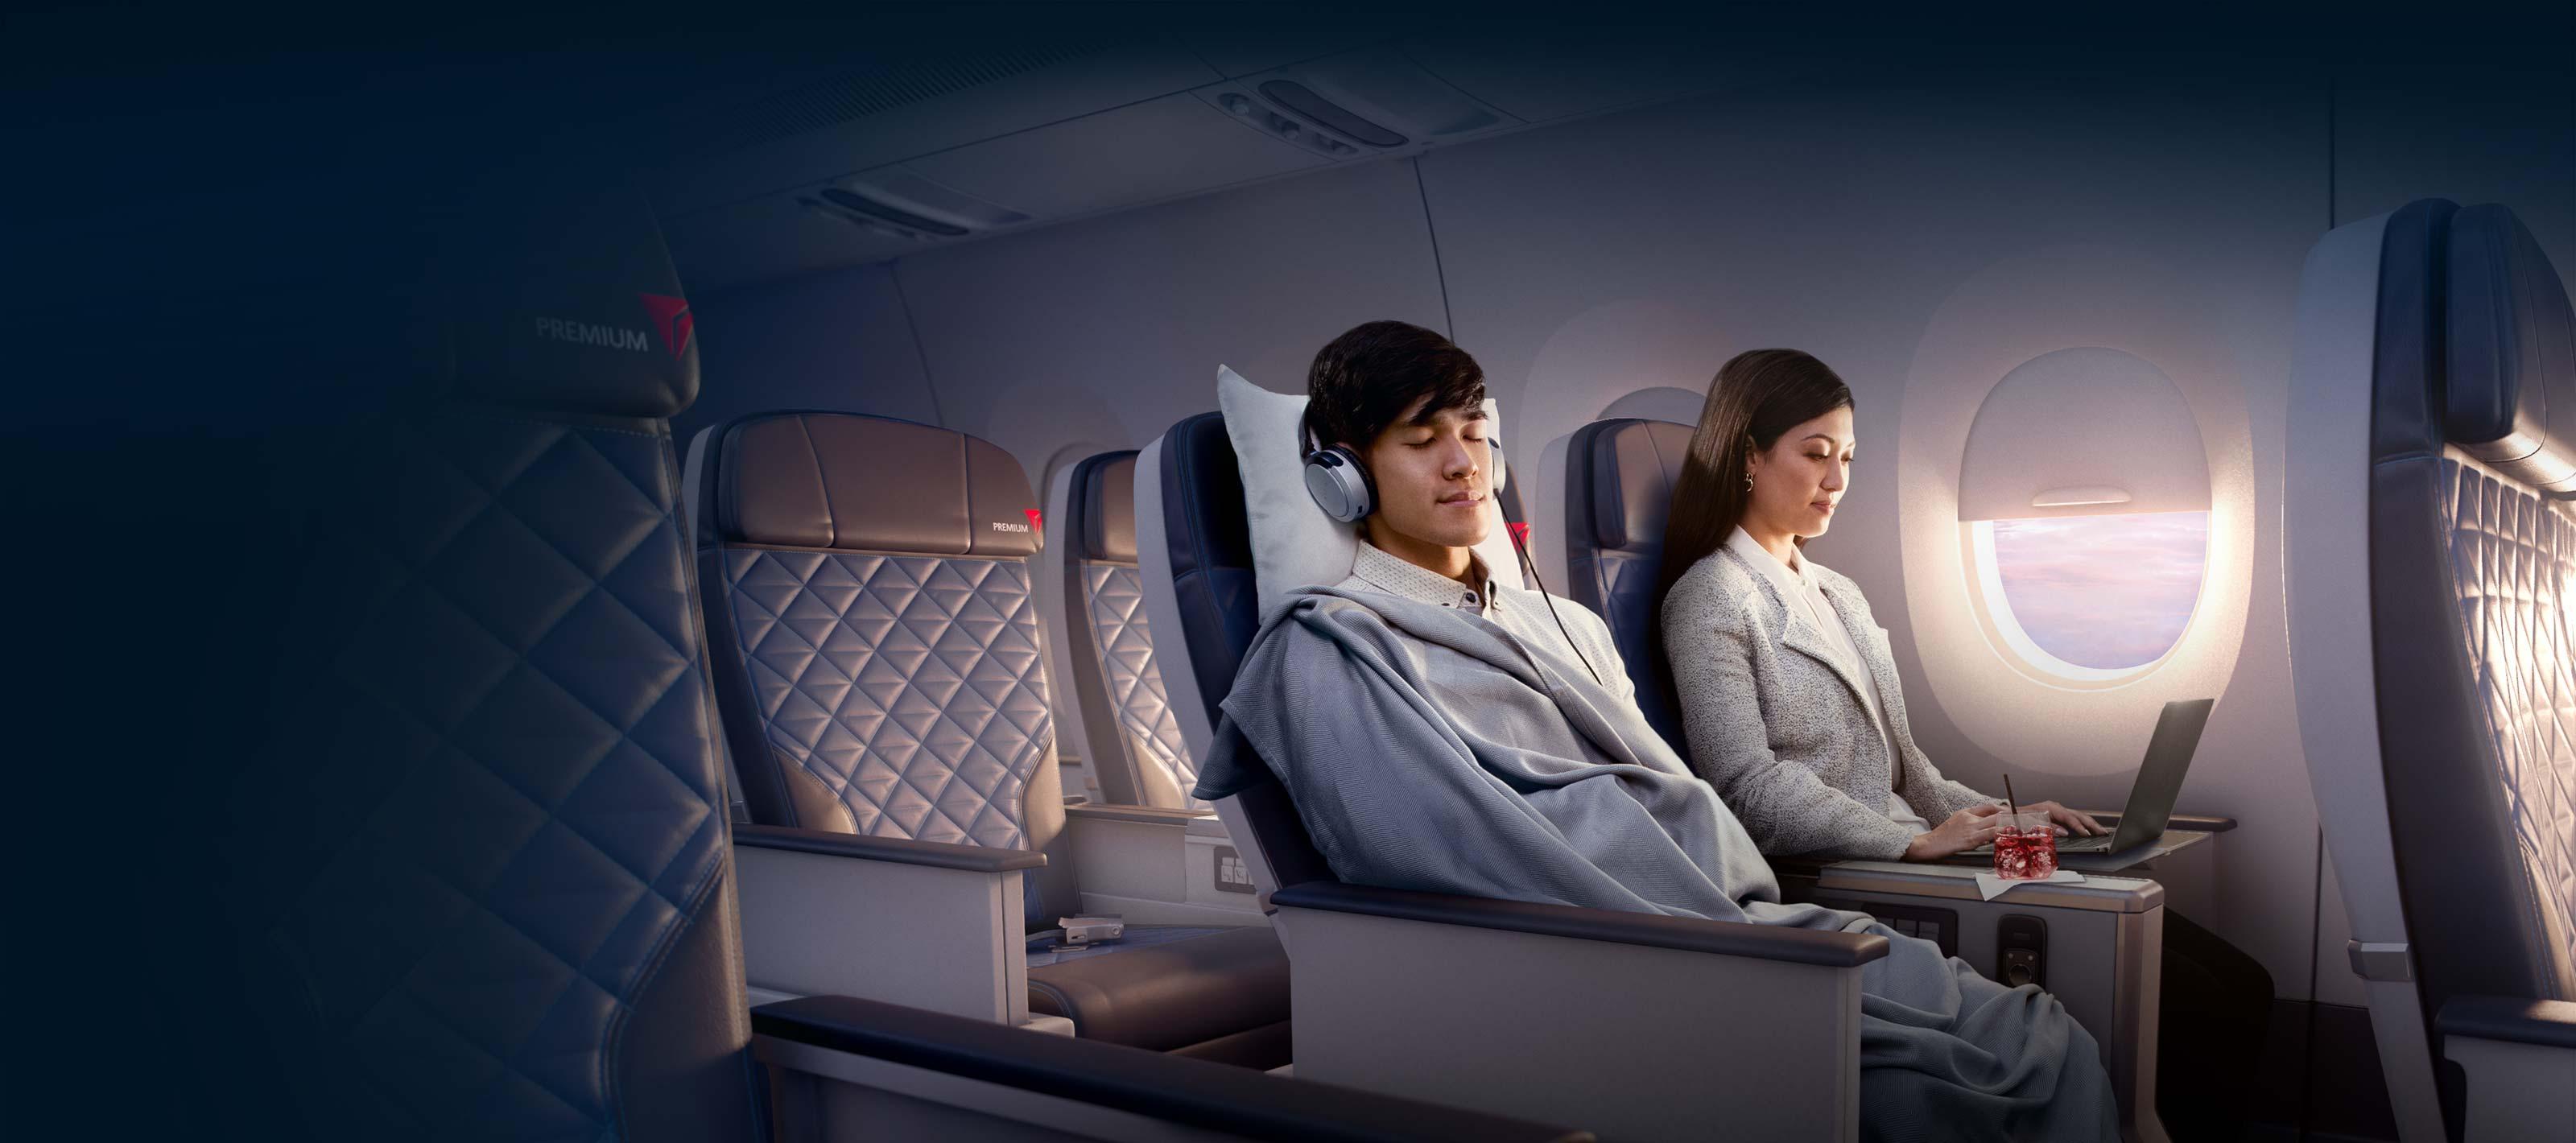 Αποτέλεσμα εικόνας για Delta to rollout pre-select flight meals for premier guests